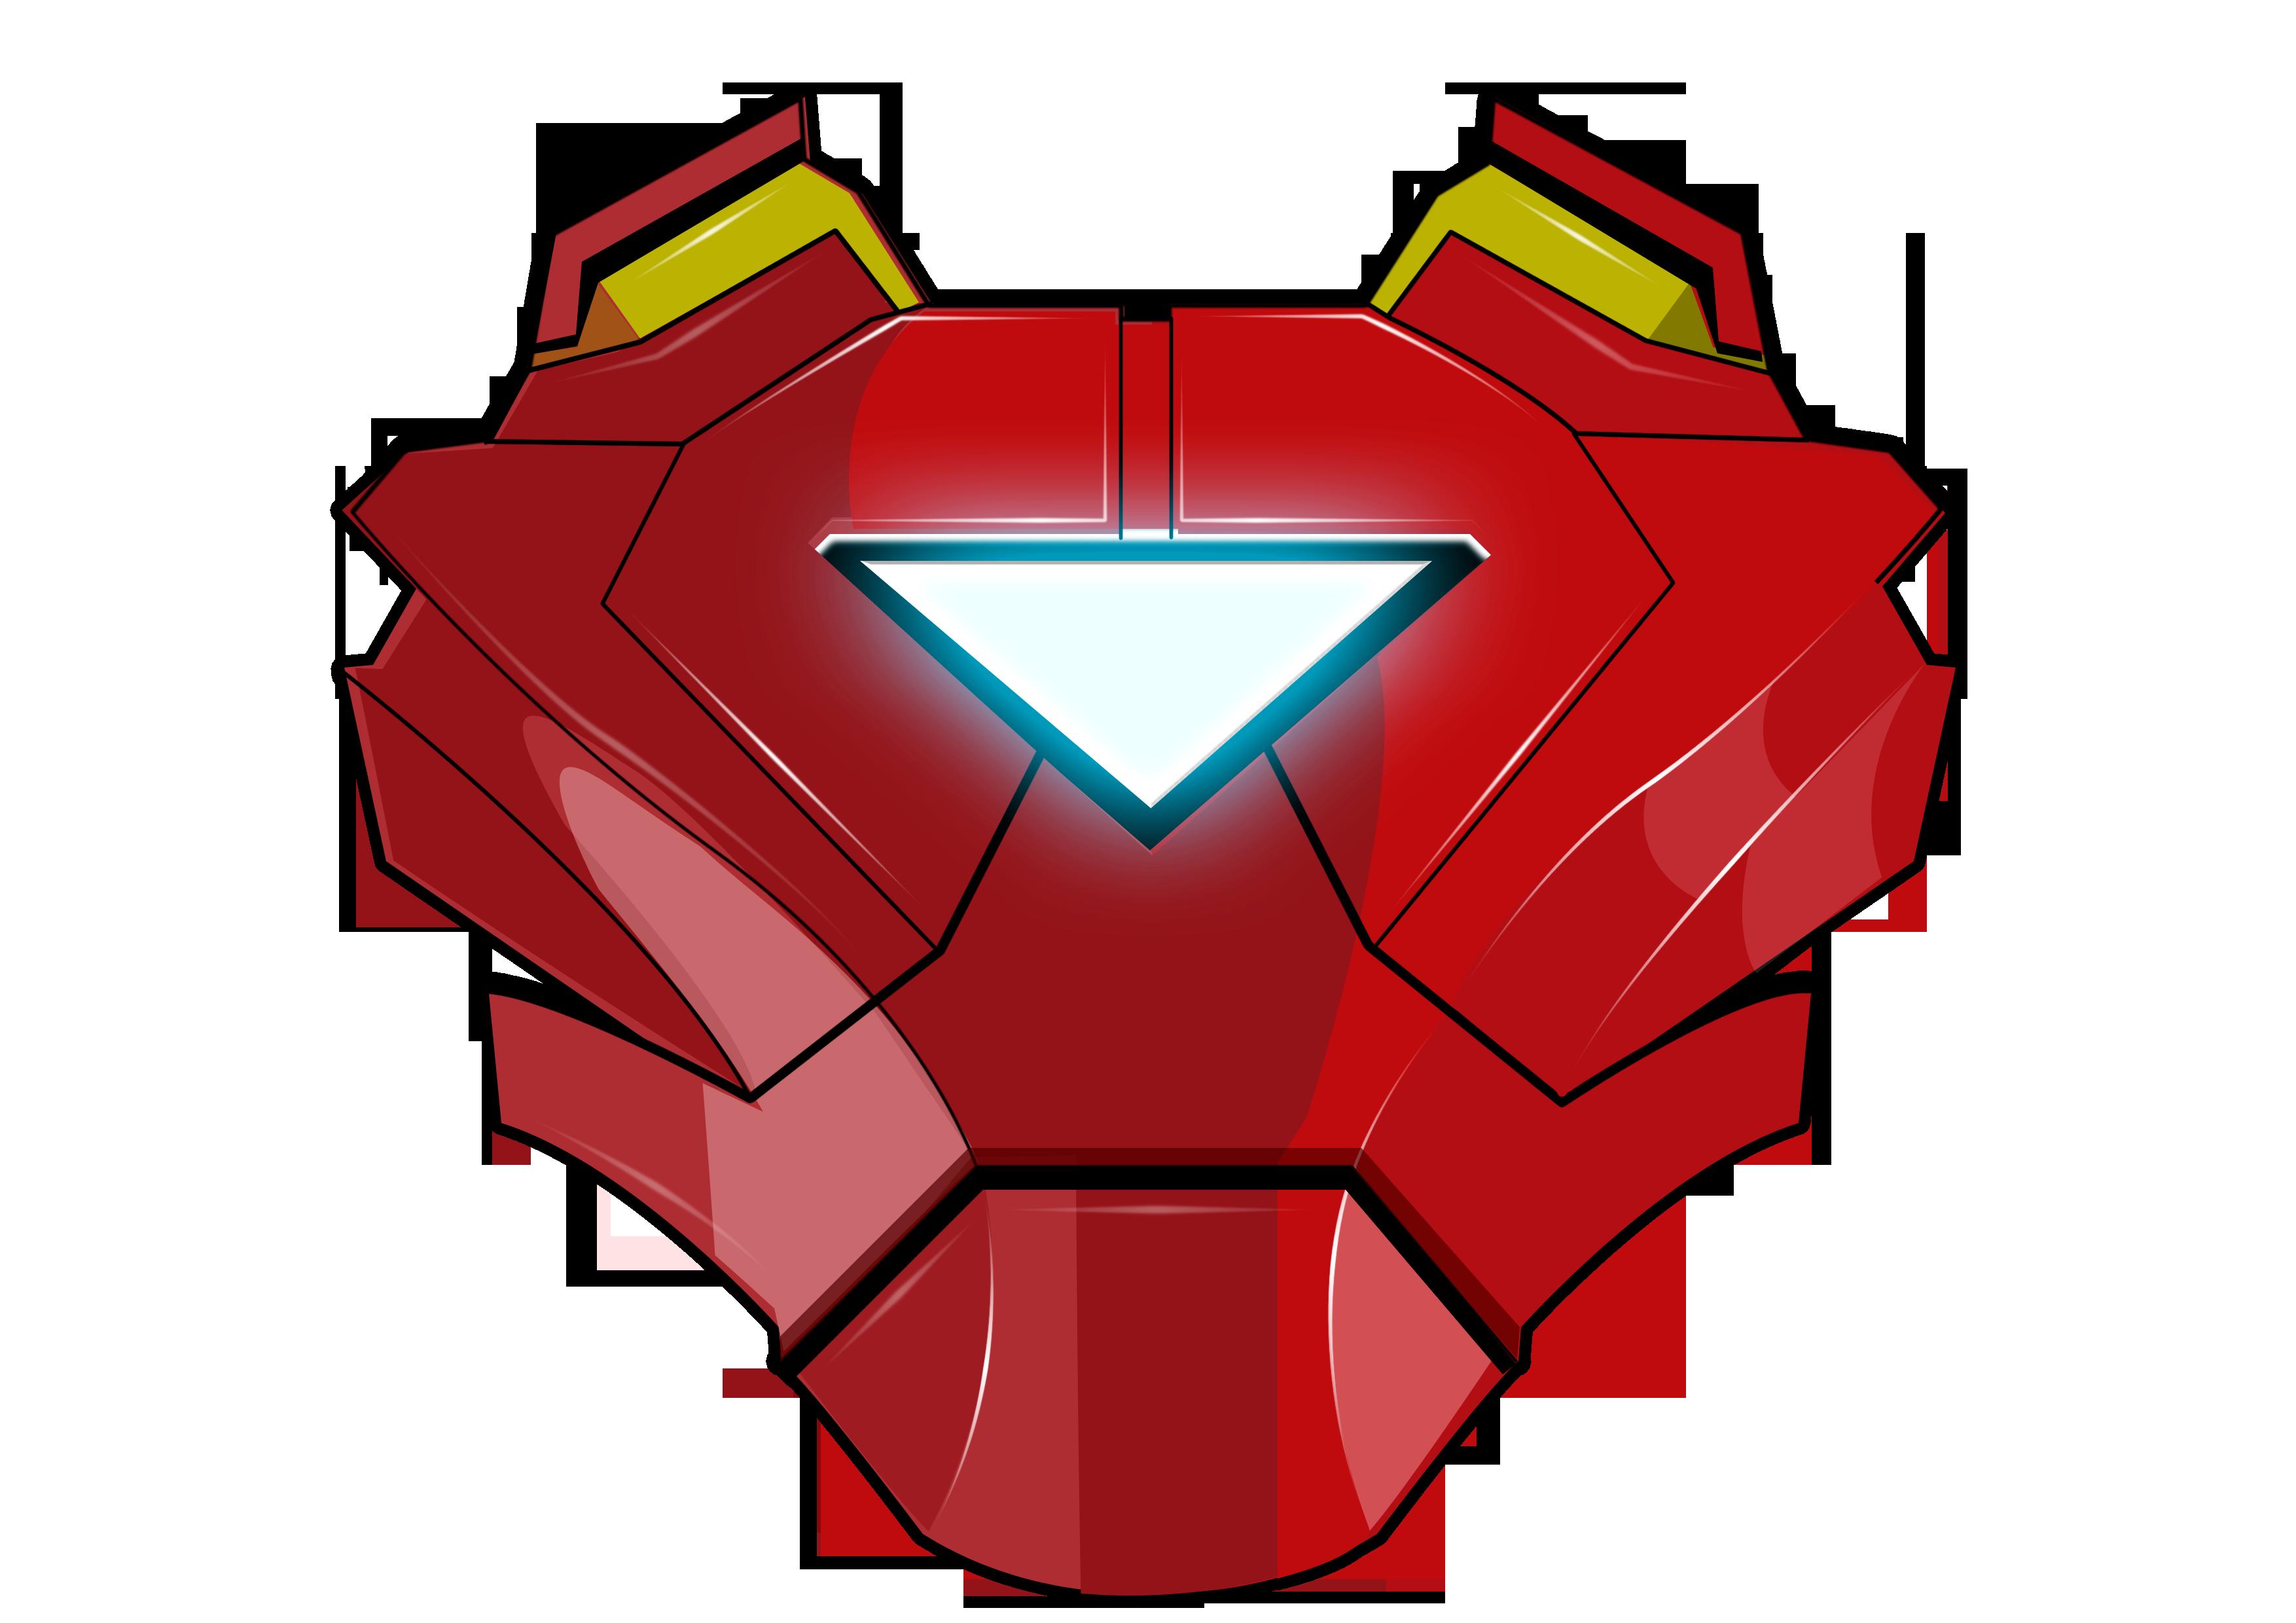 Iron Man Chest Mk6 by RavenmesanaArts on DeviantArt